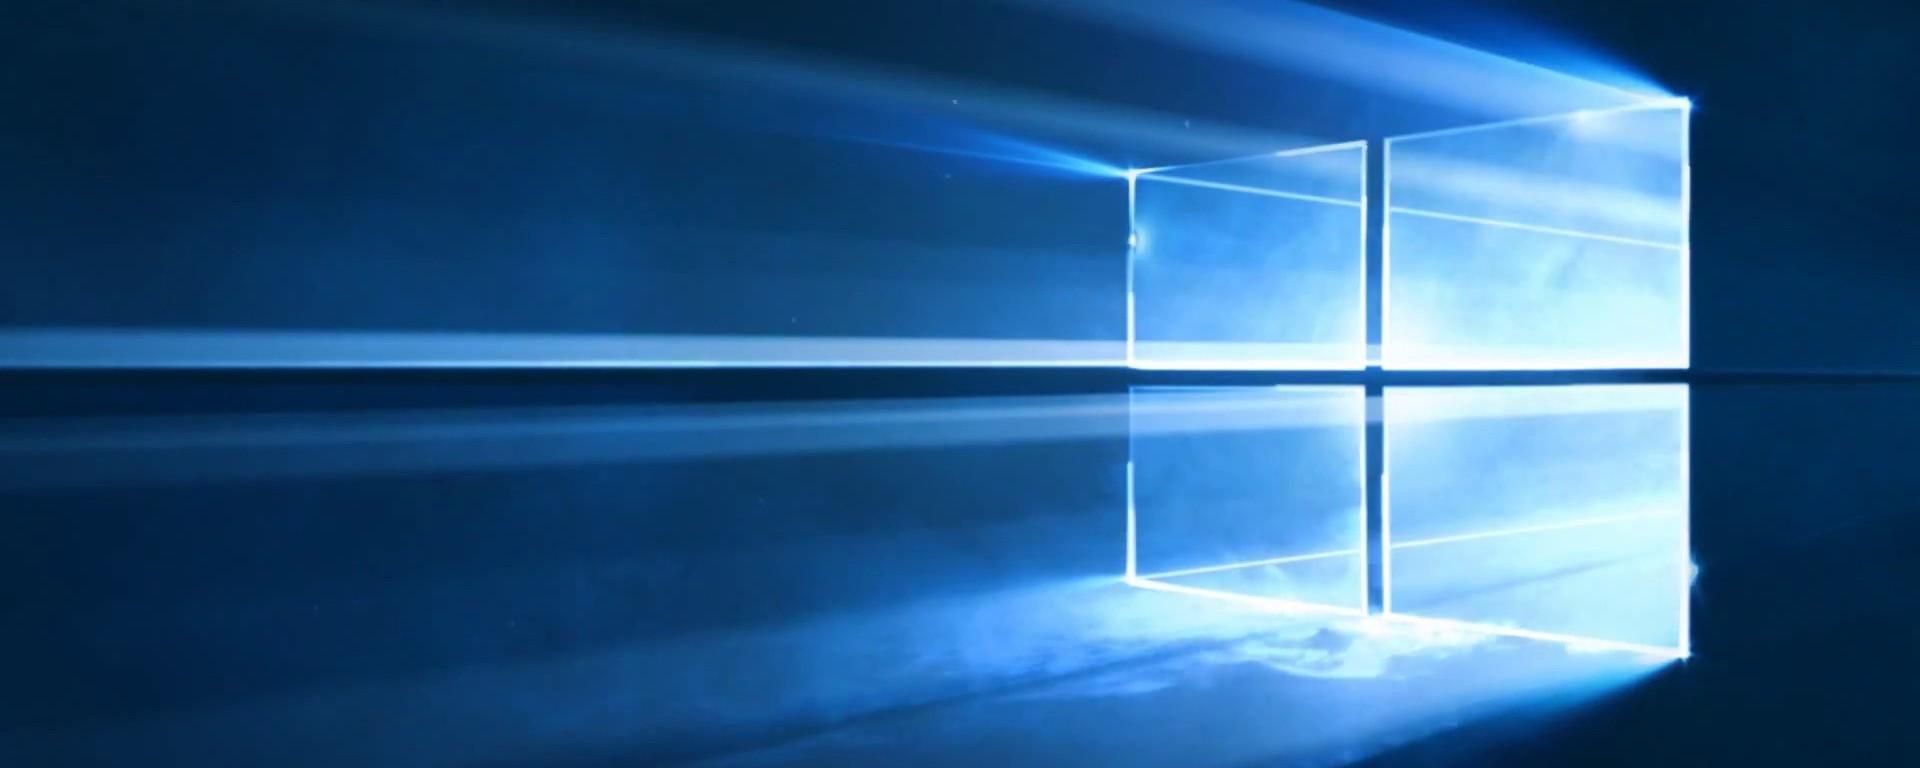 Compra una licencia original de Windows 10 barata